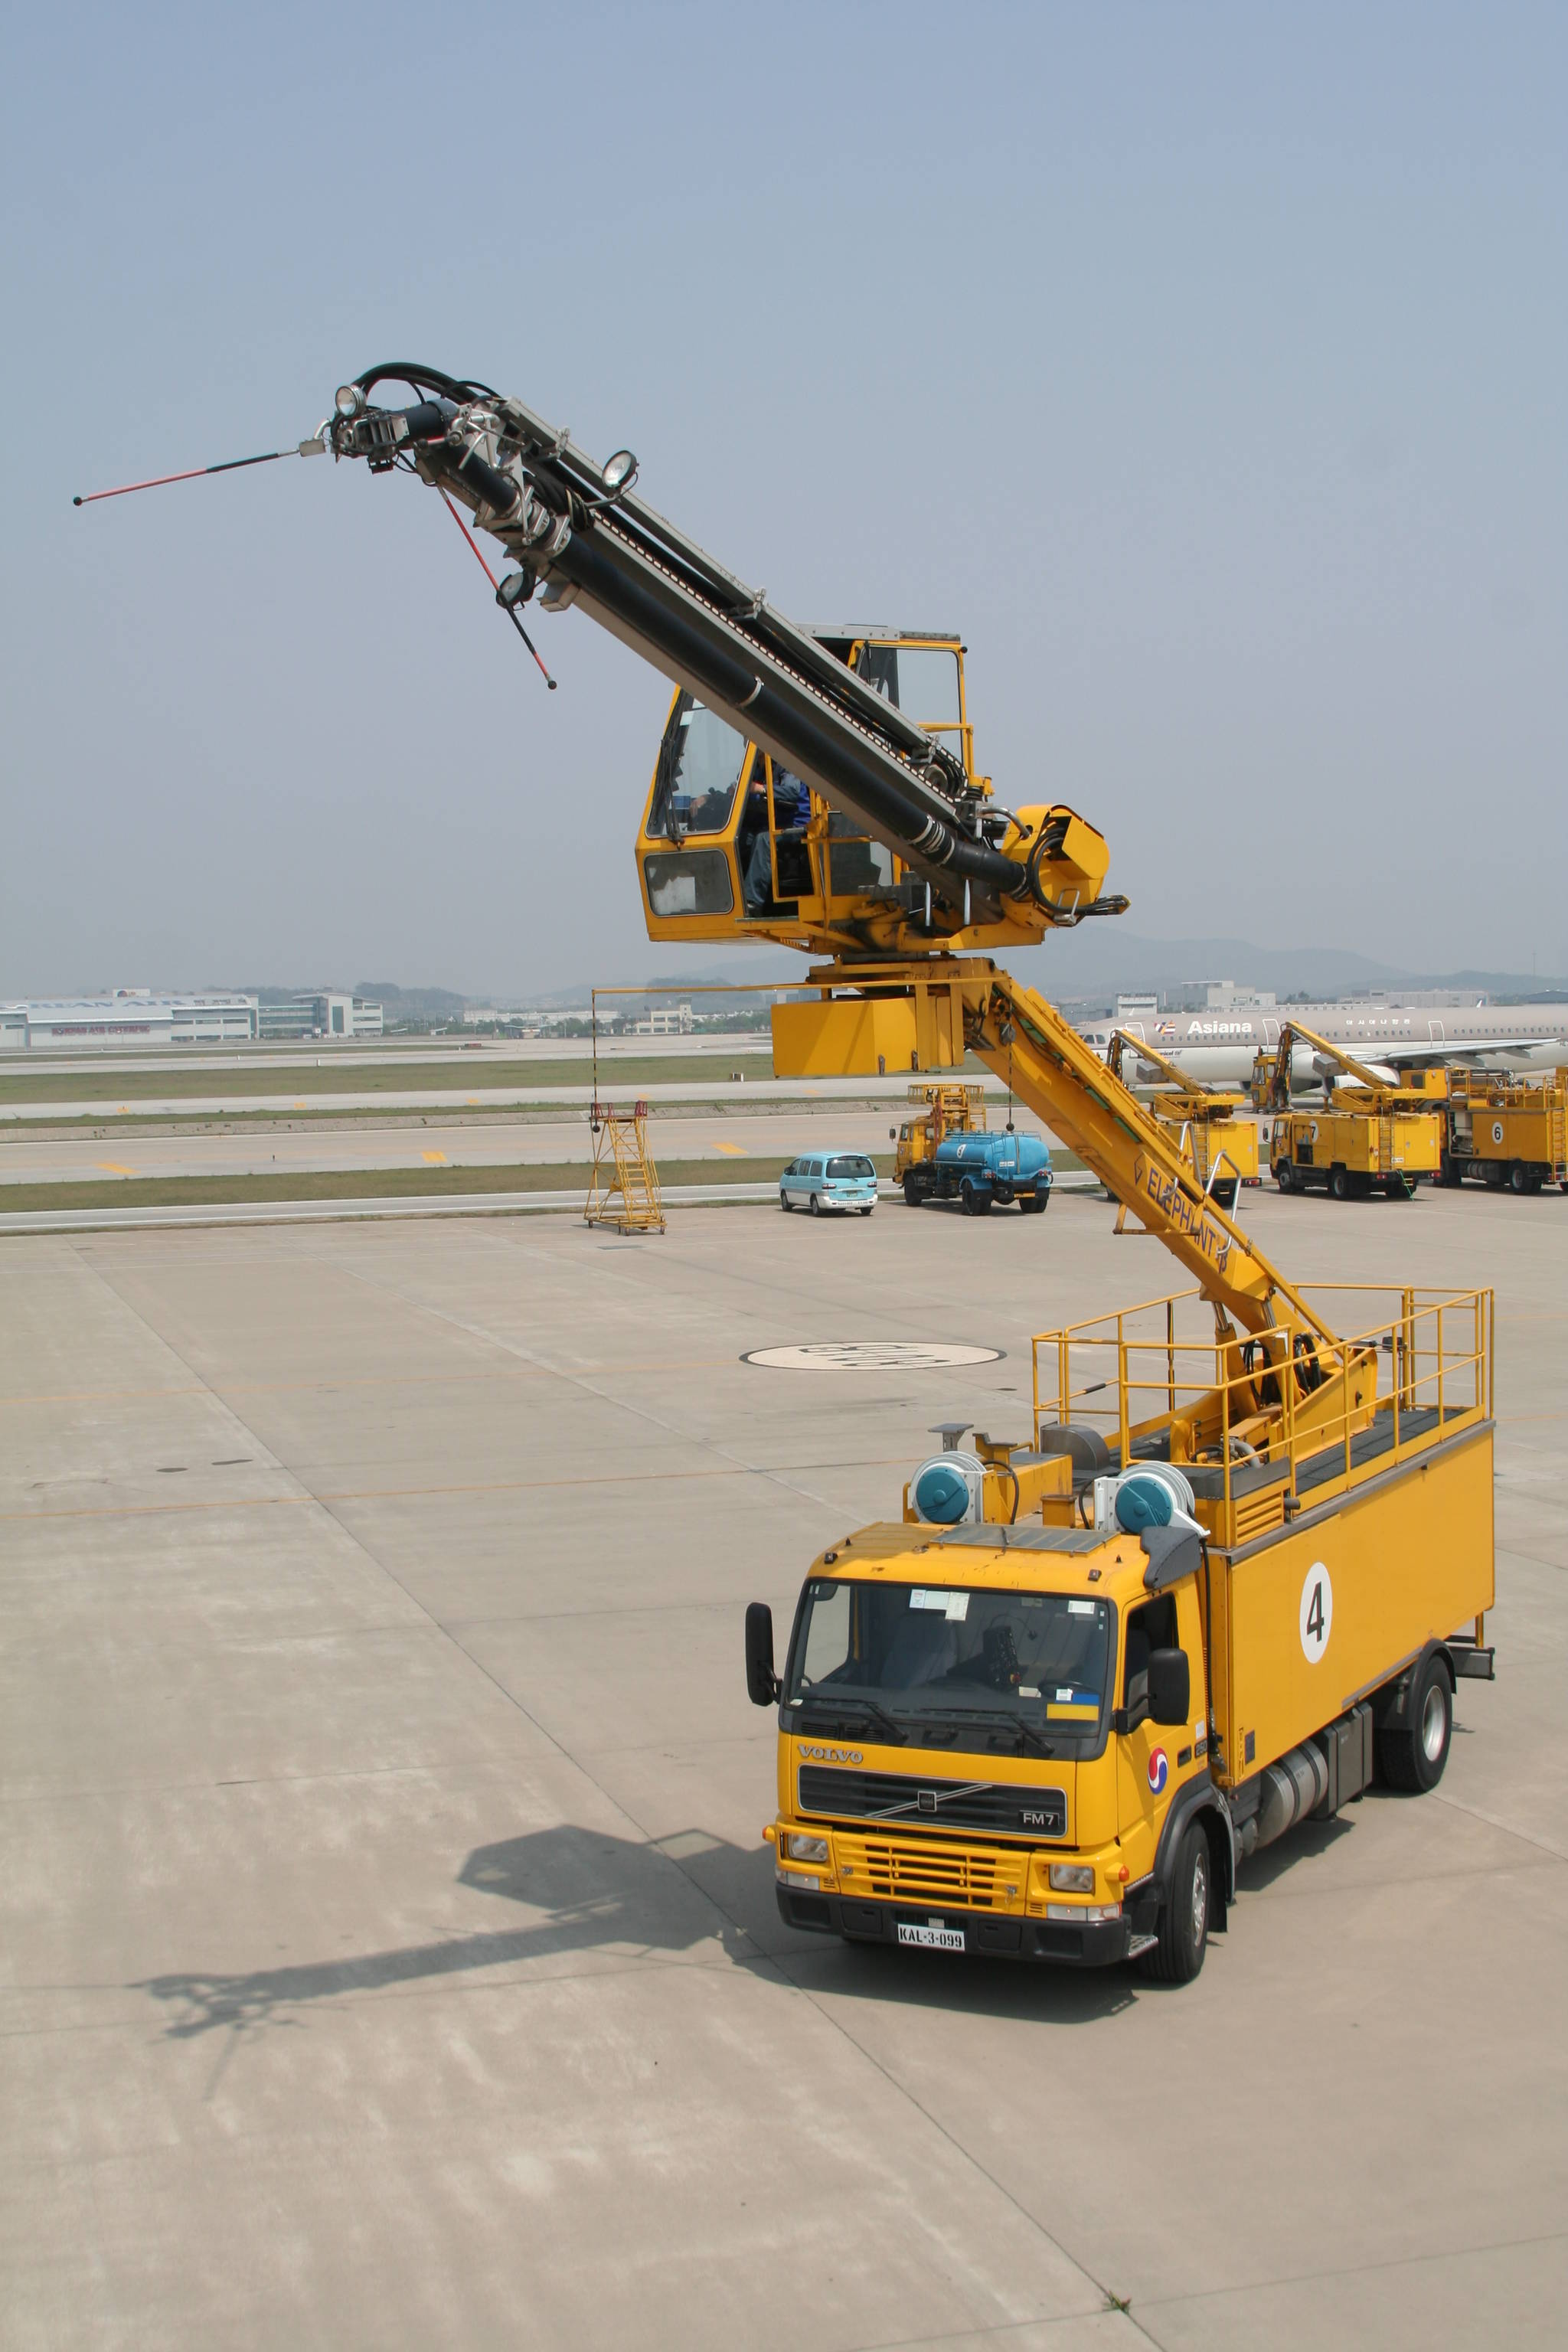 디아이싱용 트럭은 대당 가격이 최대 12억원에 달한다. [사진 대한항공]